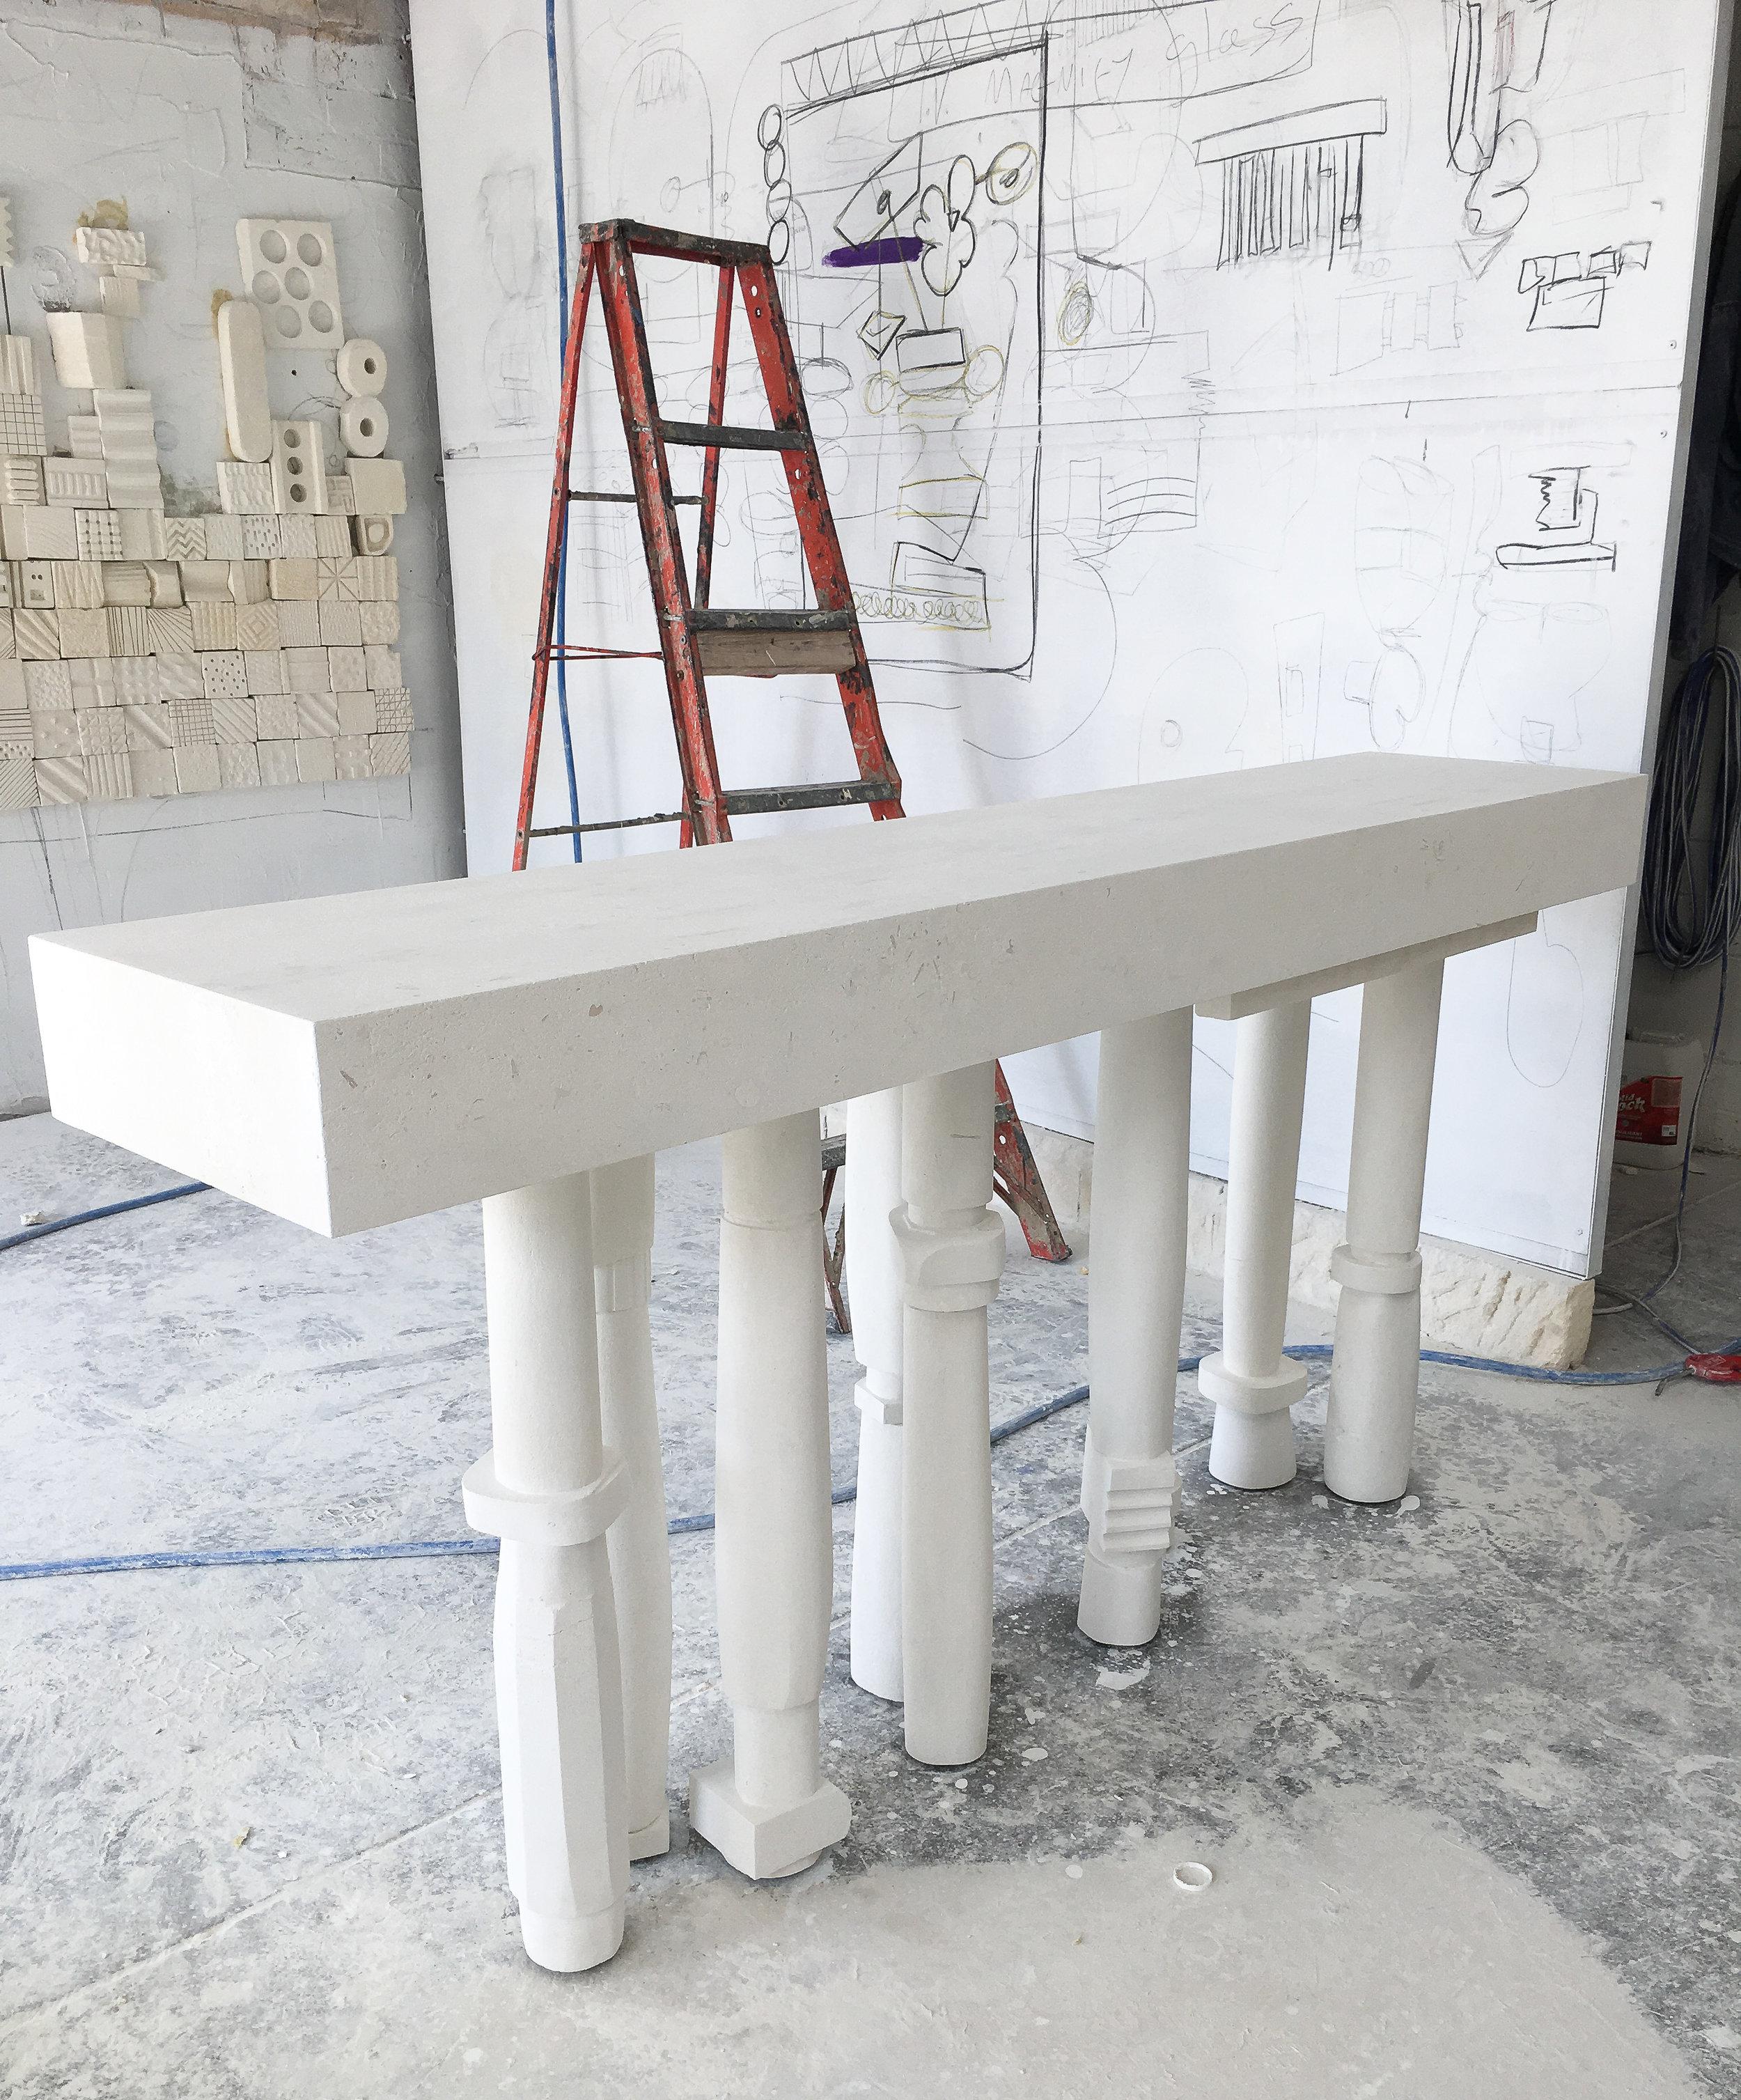 Works in progress in the Melbourne studio of denHolm. Photo - Steven John Clark.